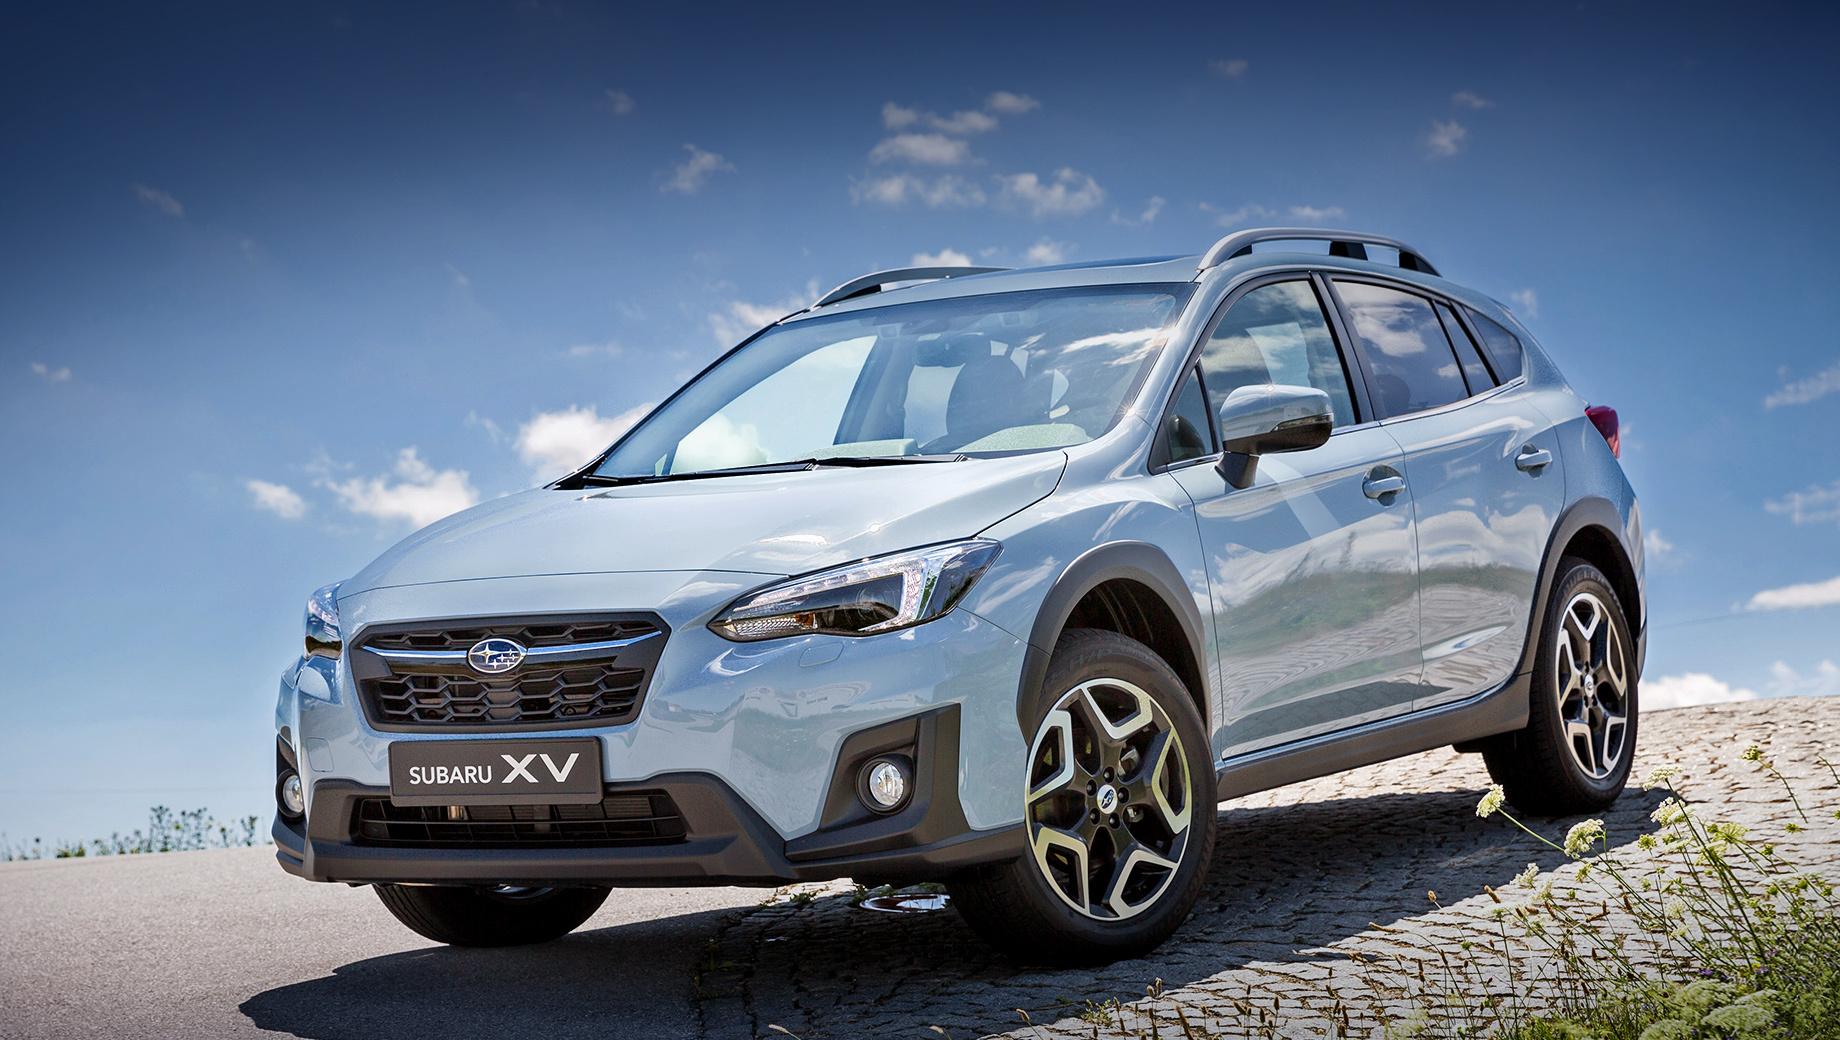 Subaru xv. В декабре 2019-го паркетник XV менял тормозные шланги, в ноябре получил новую катушку зажигания, а в апреле испытывал проблемы со стоп-сигналами и двигателем.